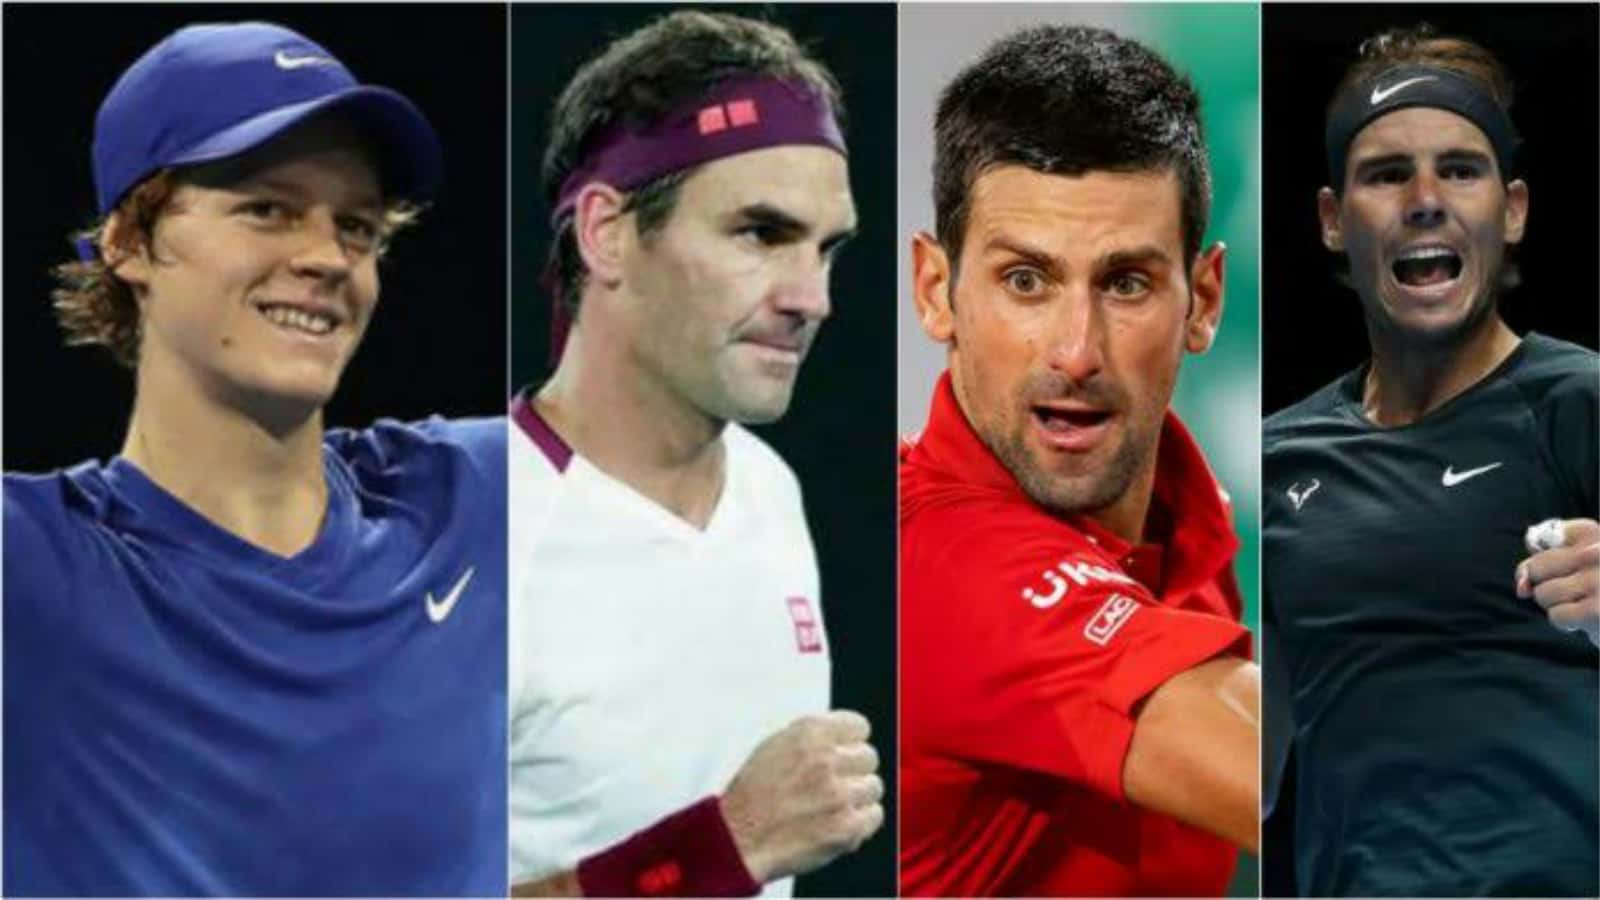 Jannik Sinner Roger Federer Novak Djokovic Rafael Nadal